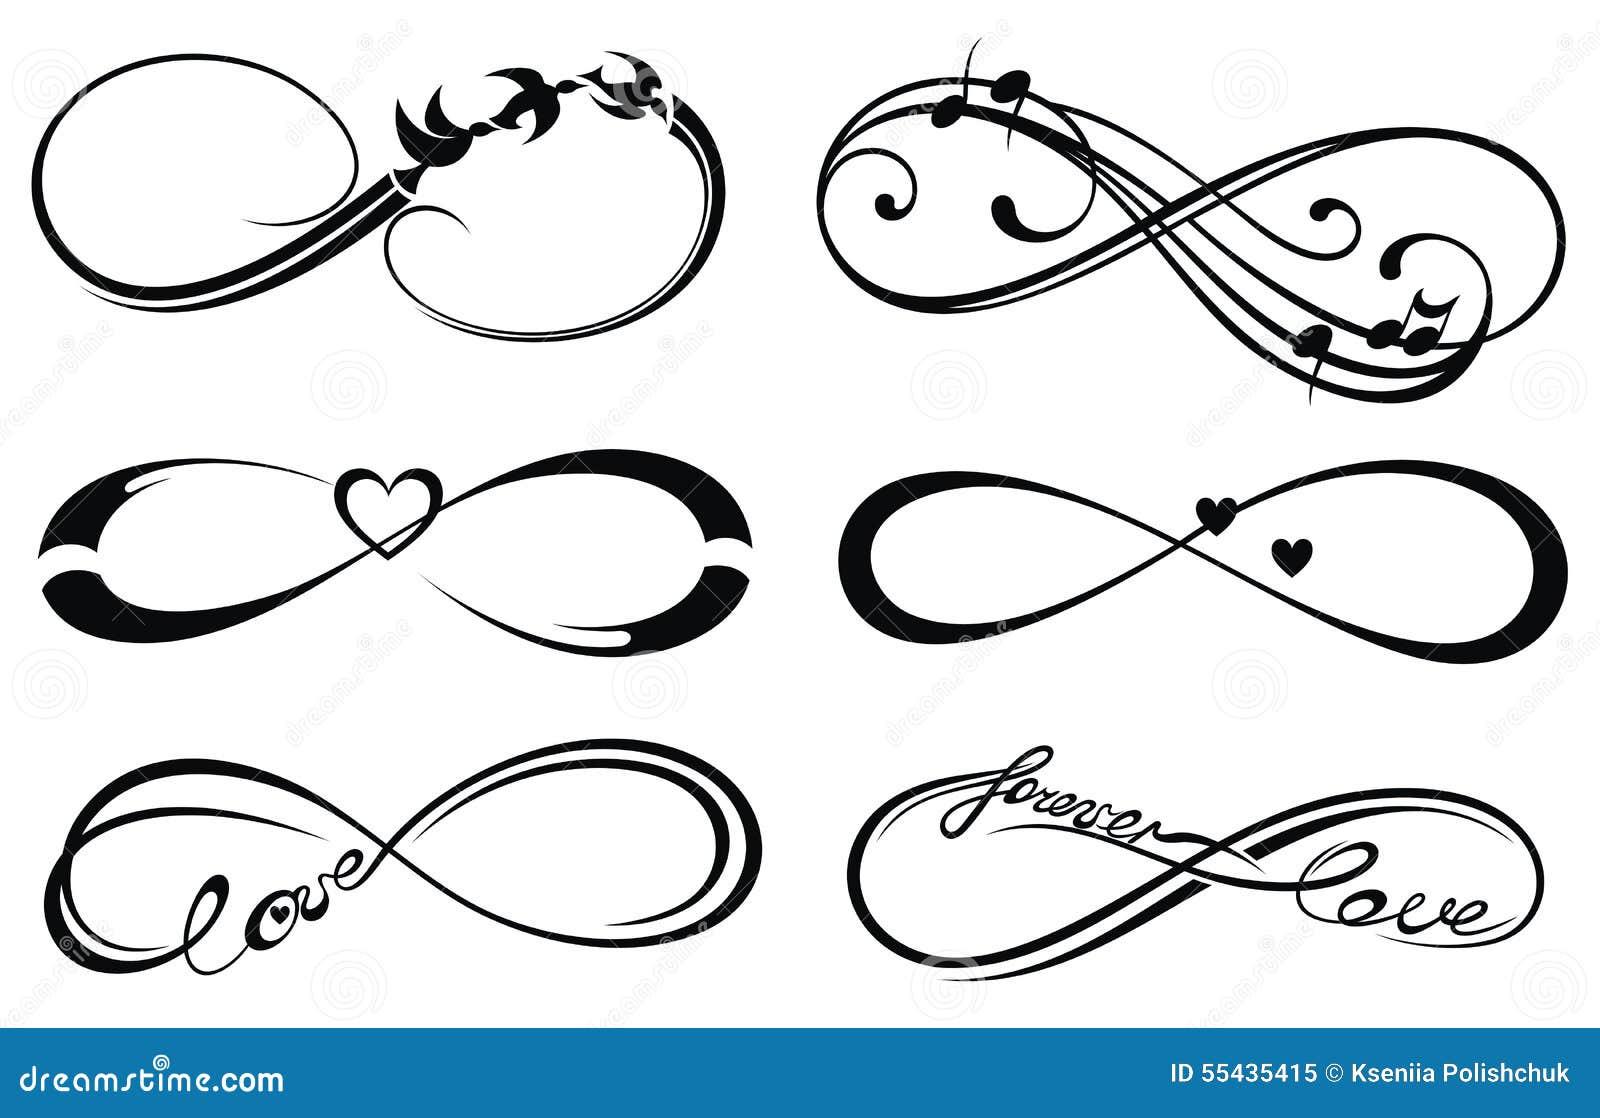 amour d 39 infini pour toujours symbole illustration de vecteur illustration du illustration. Black Bedroom Furniture Sets. Home Design Ideas